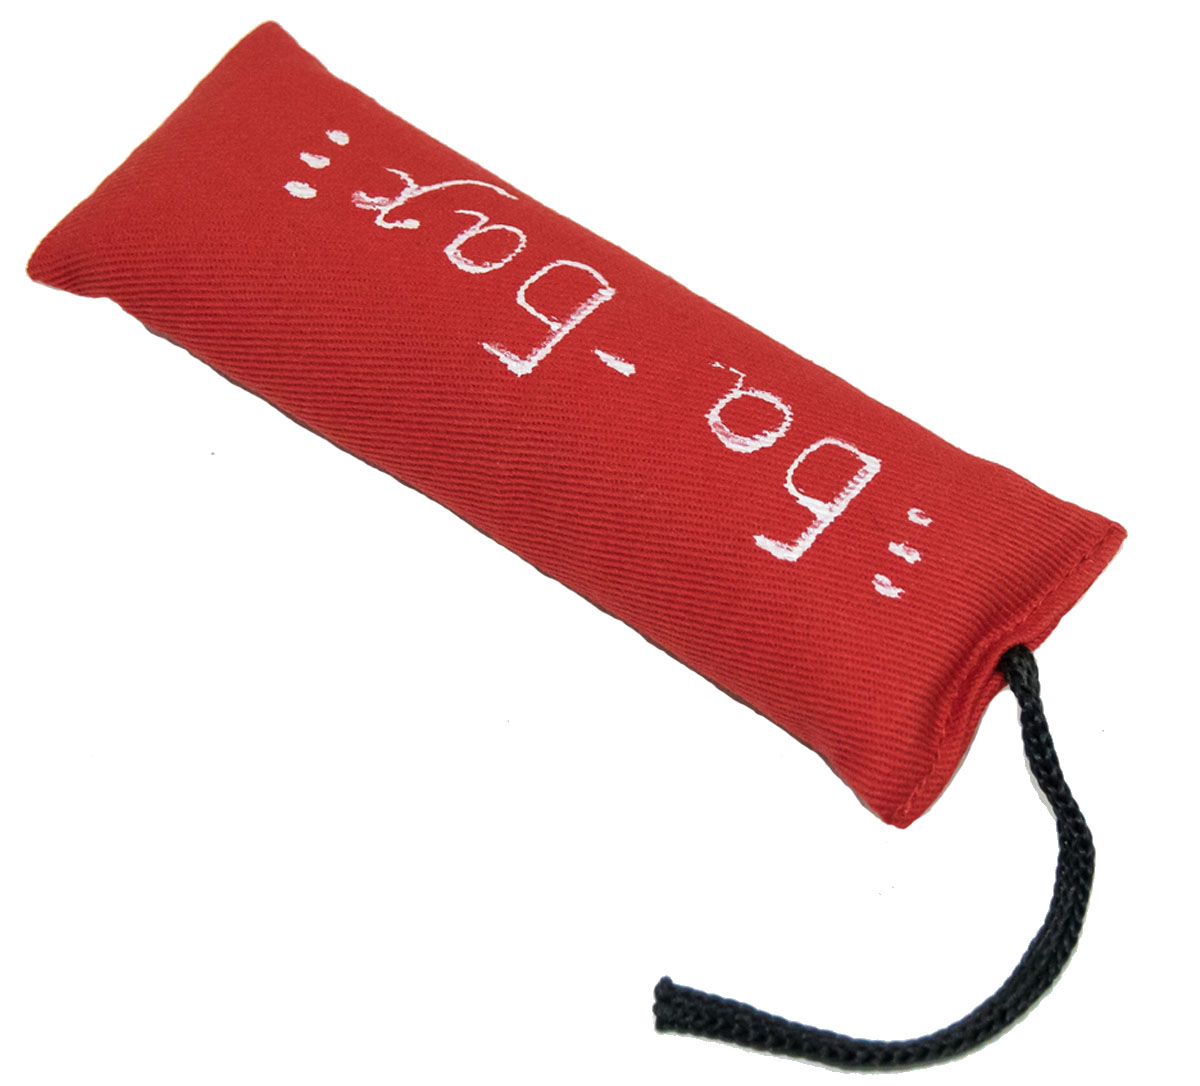 Игрушка для кошек Smart Textile Динамит, цвет: красный, 12 смGC785Игрушка для кошек Smart Textile Динамит с наполнителем из 100% натуральной кошачьей мяты имеет оптимальный размер, позволяющий вашему питомцу выполнить полезную зарядку.